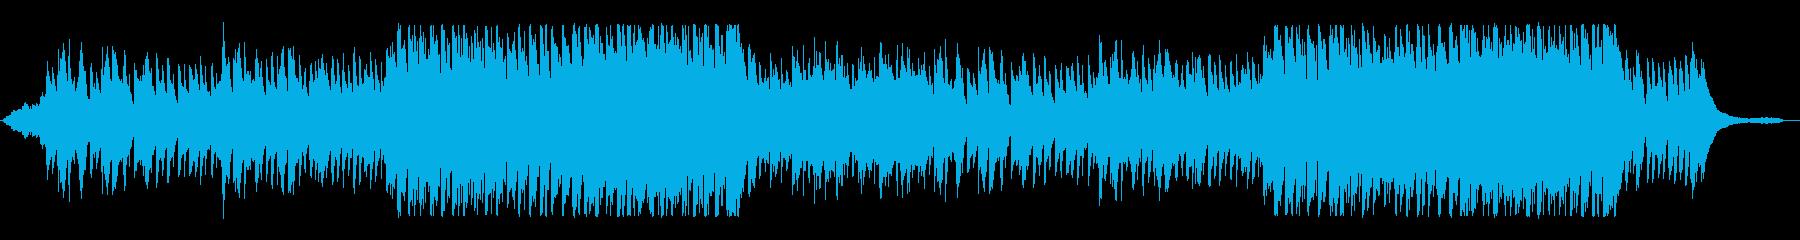 海外映画音楽の様なクリスマスオーケストラの再生済みの波形